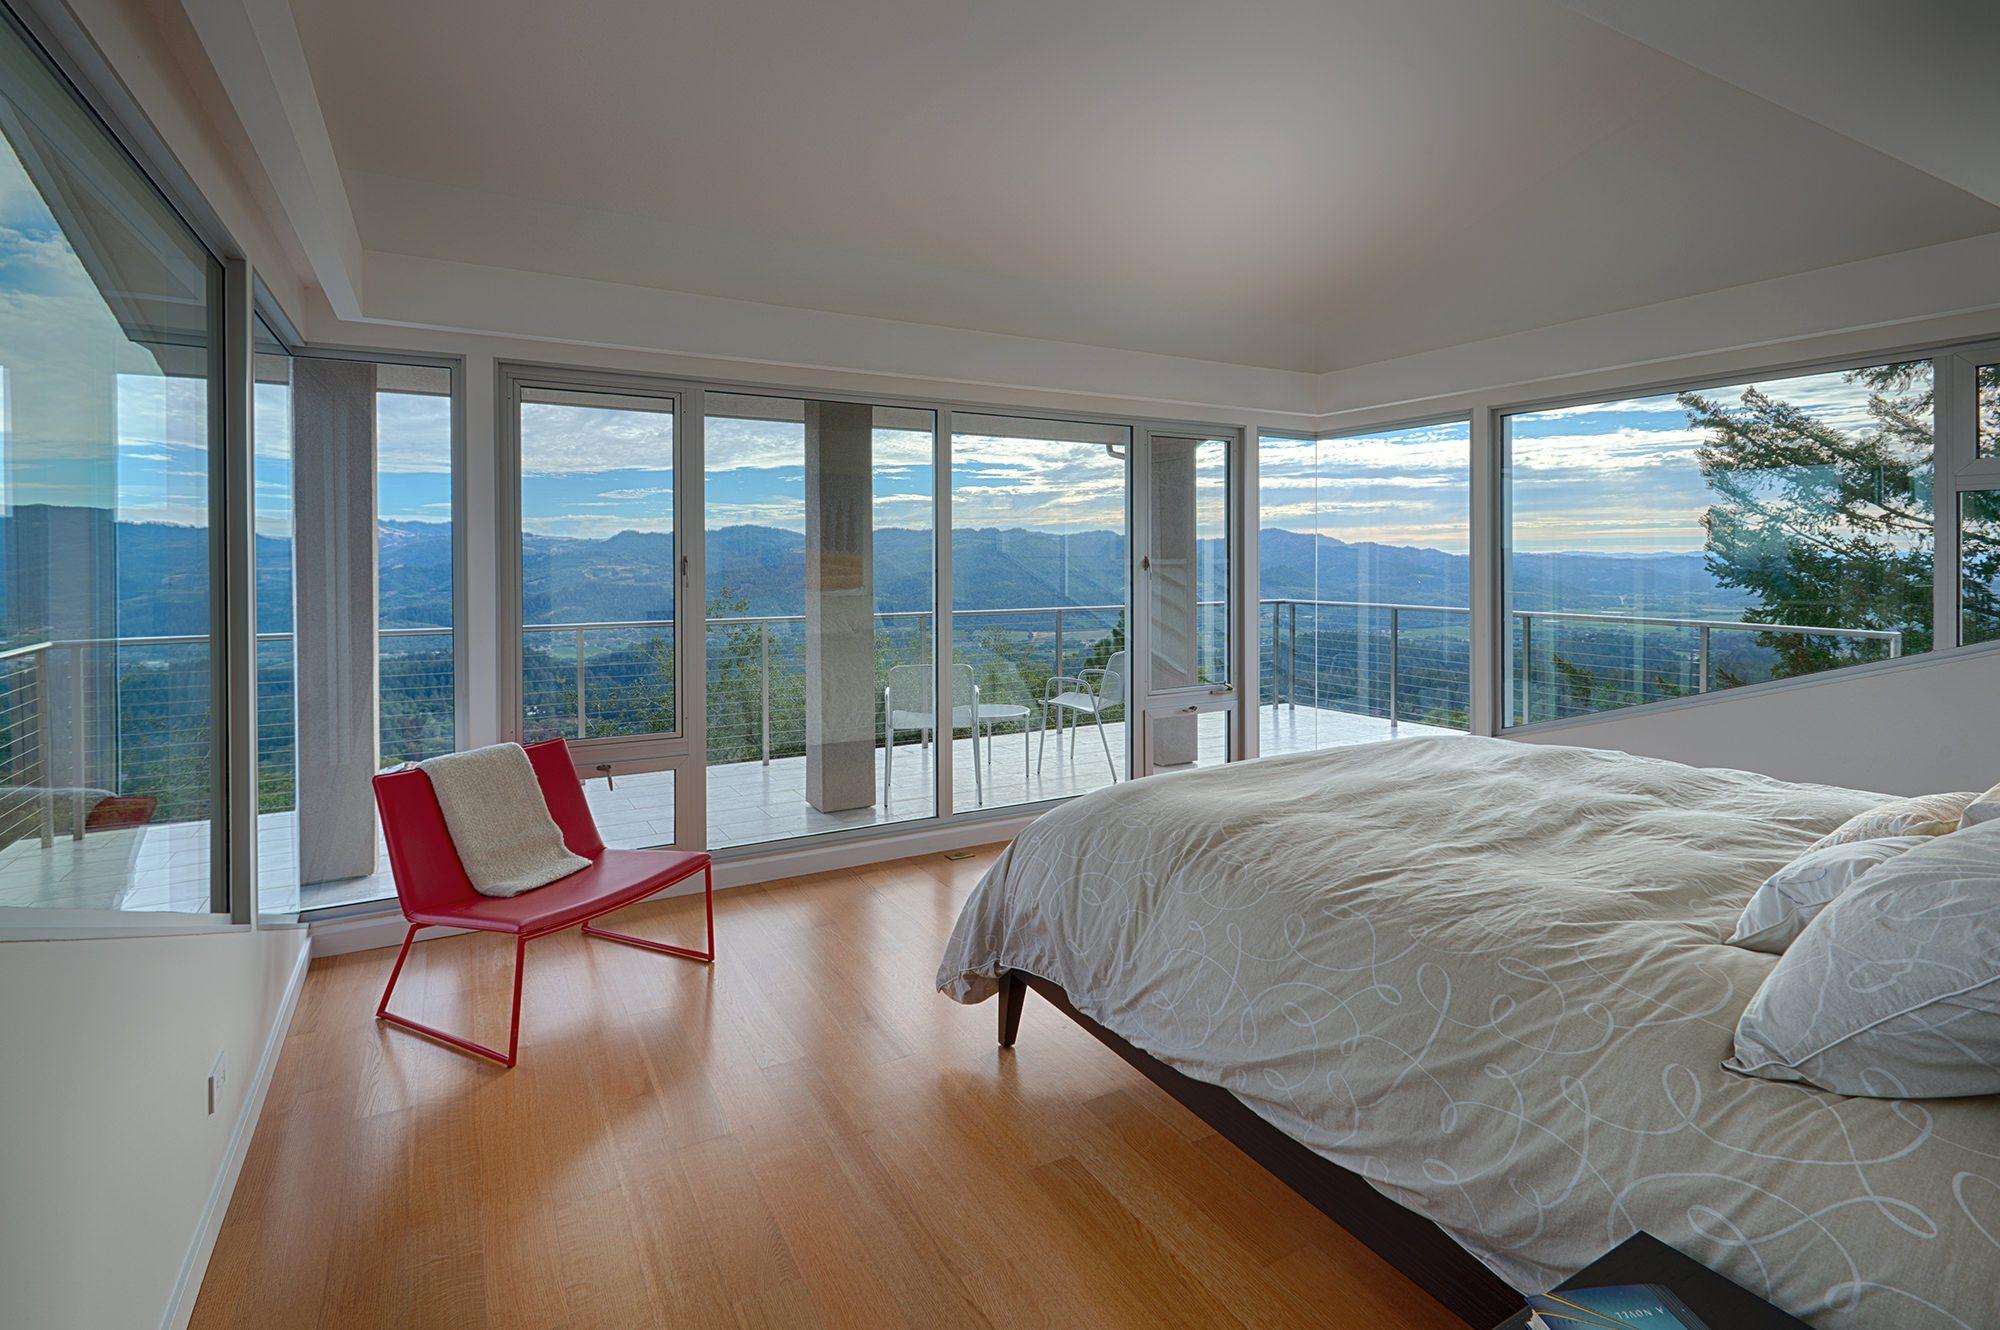 Bedroom Overlooking Napa Valley